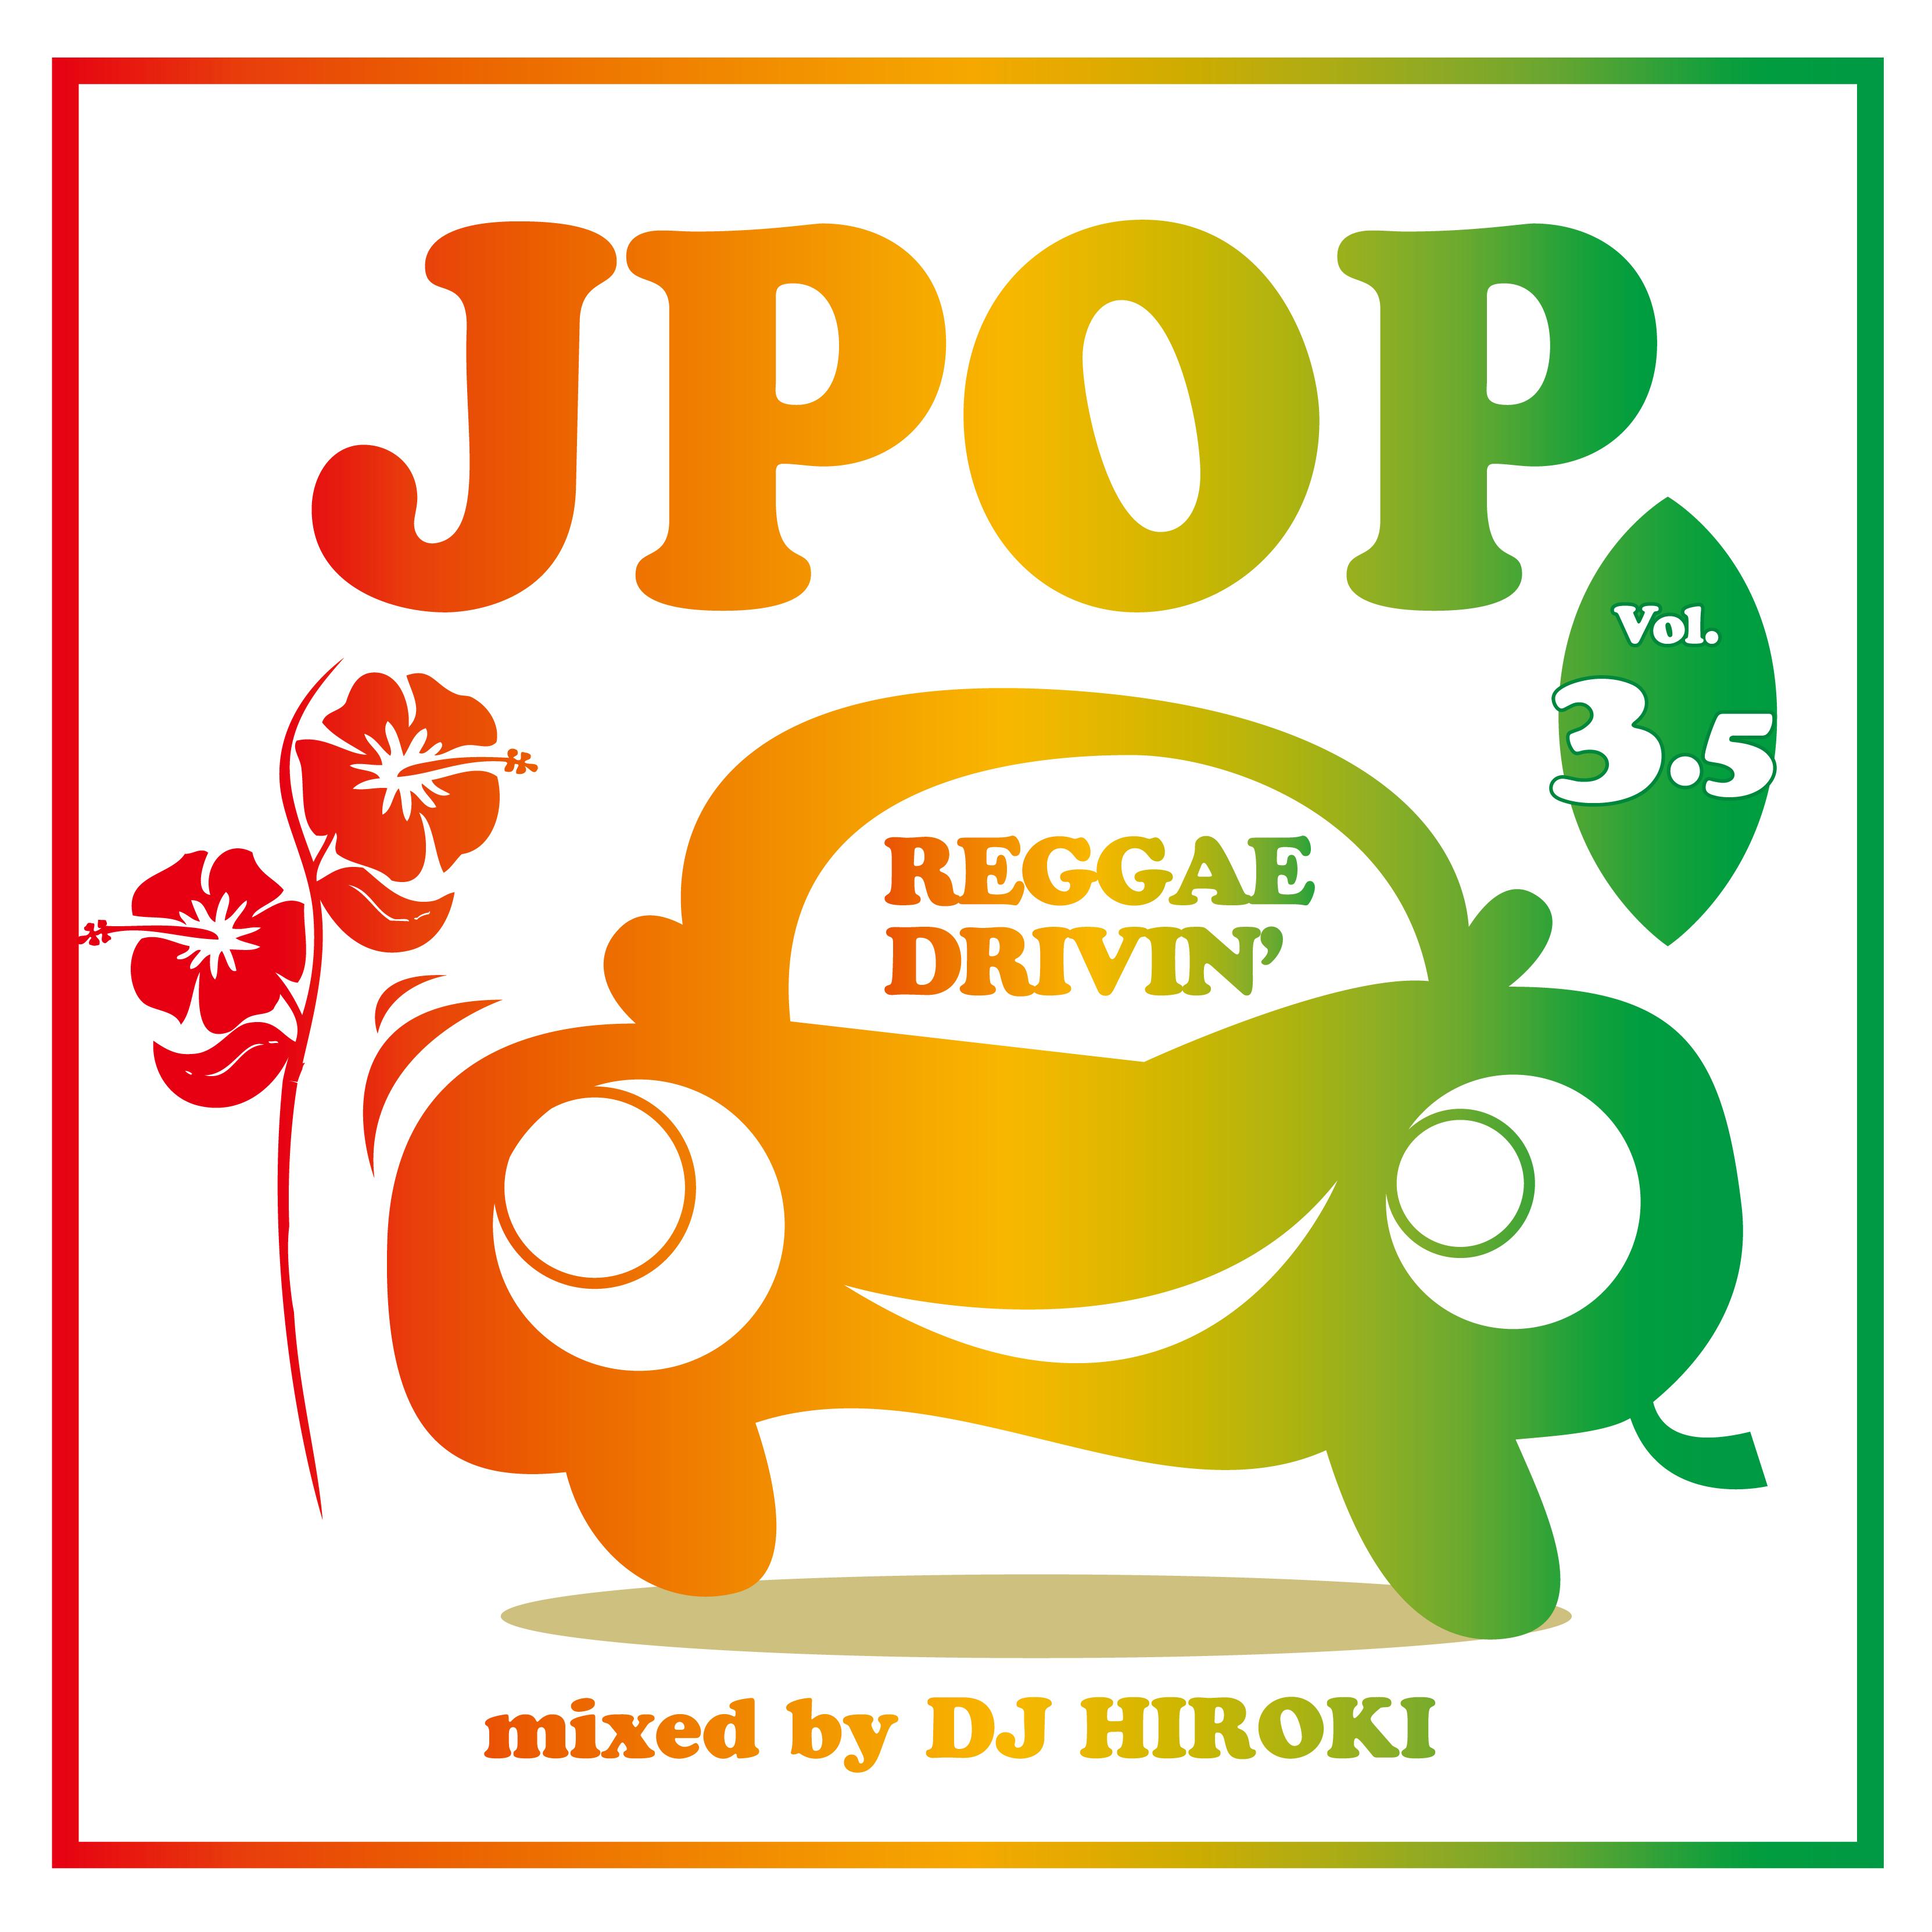 オムニバスJ-POP REGGAE DRIVIN' Vol.3.5 mixed by DJ HIROKI